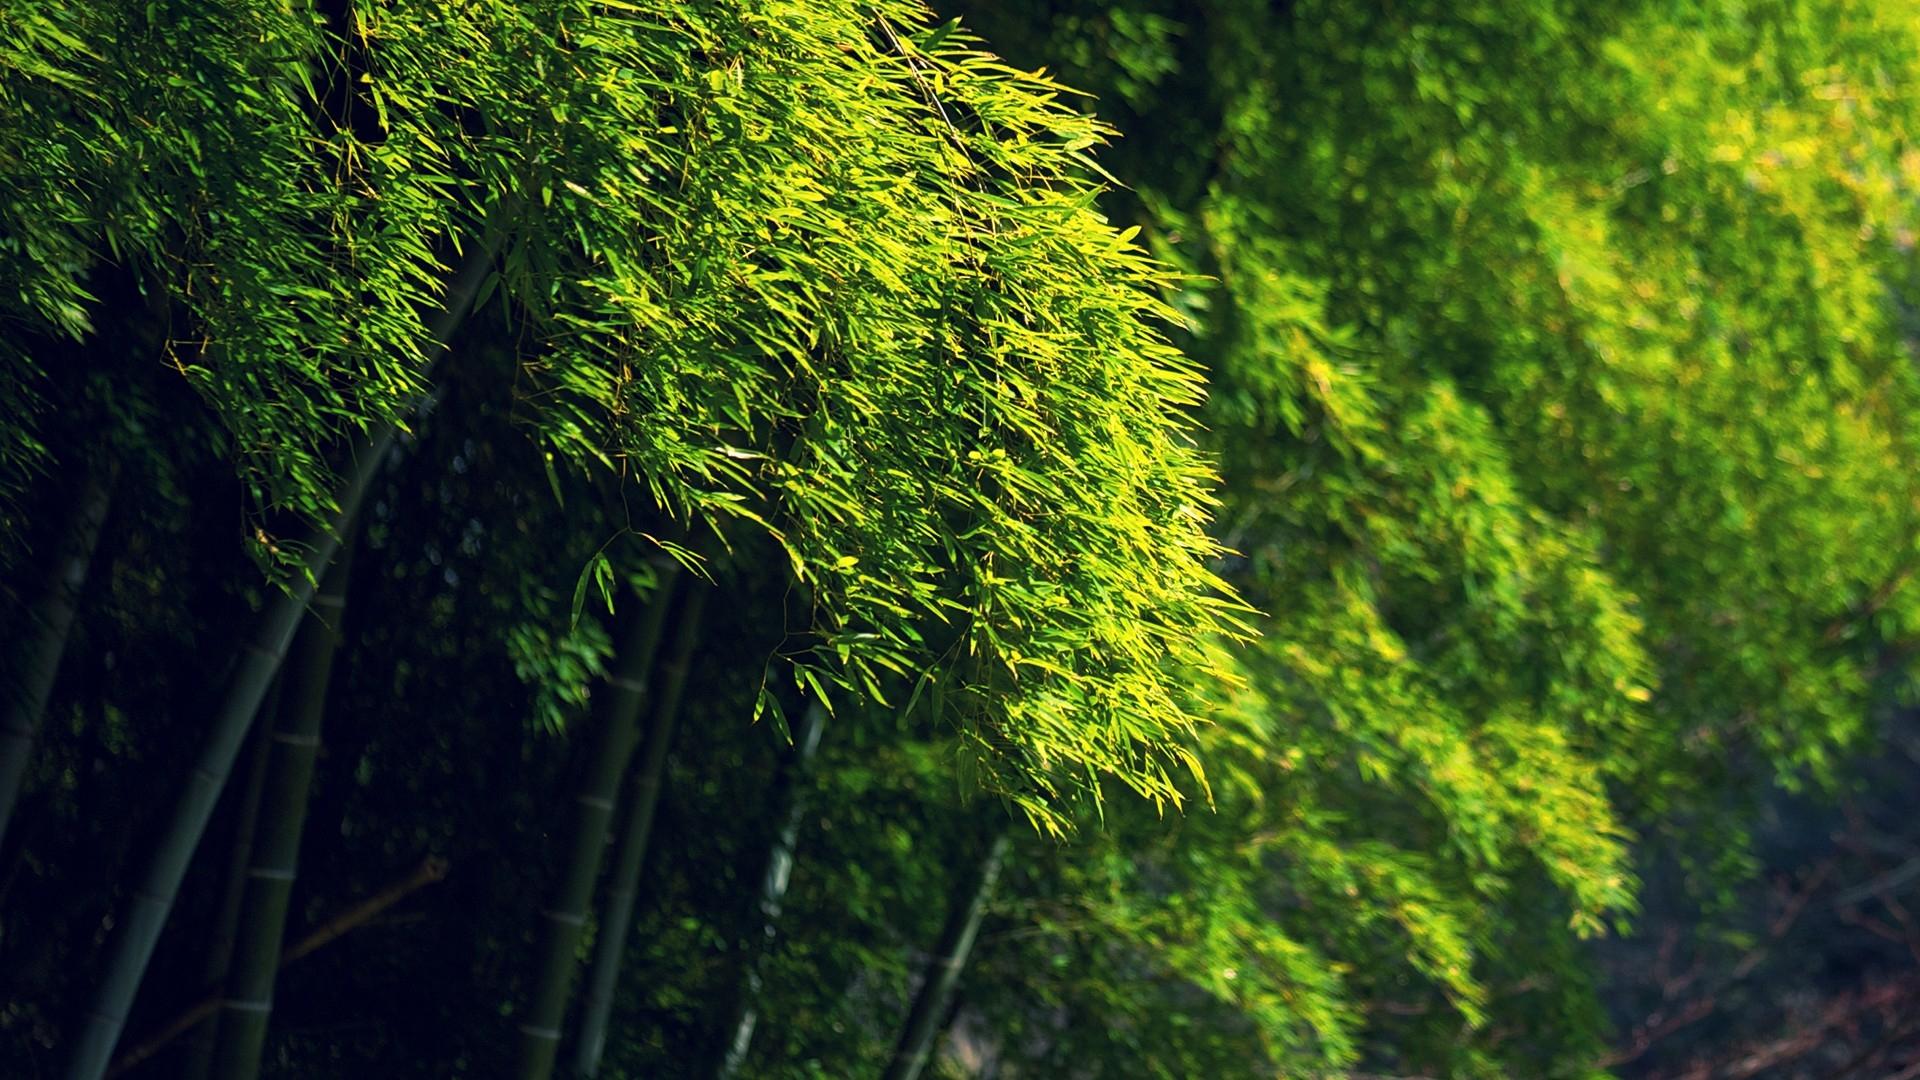 Bamboo green dense forest HD Desktop Wallpaper HD Desktop Wallpaper 1920x1080